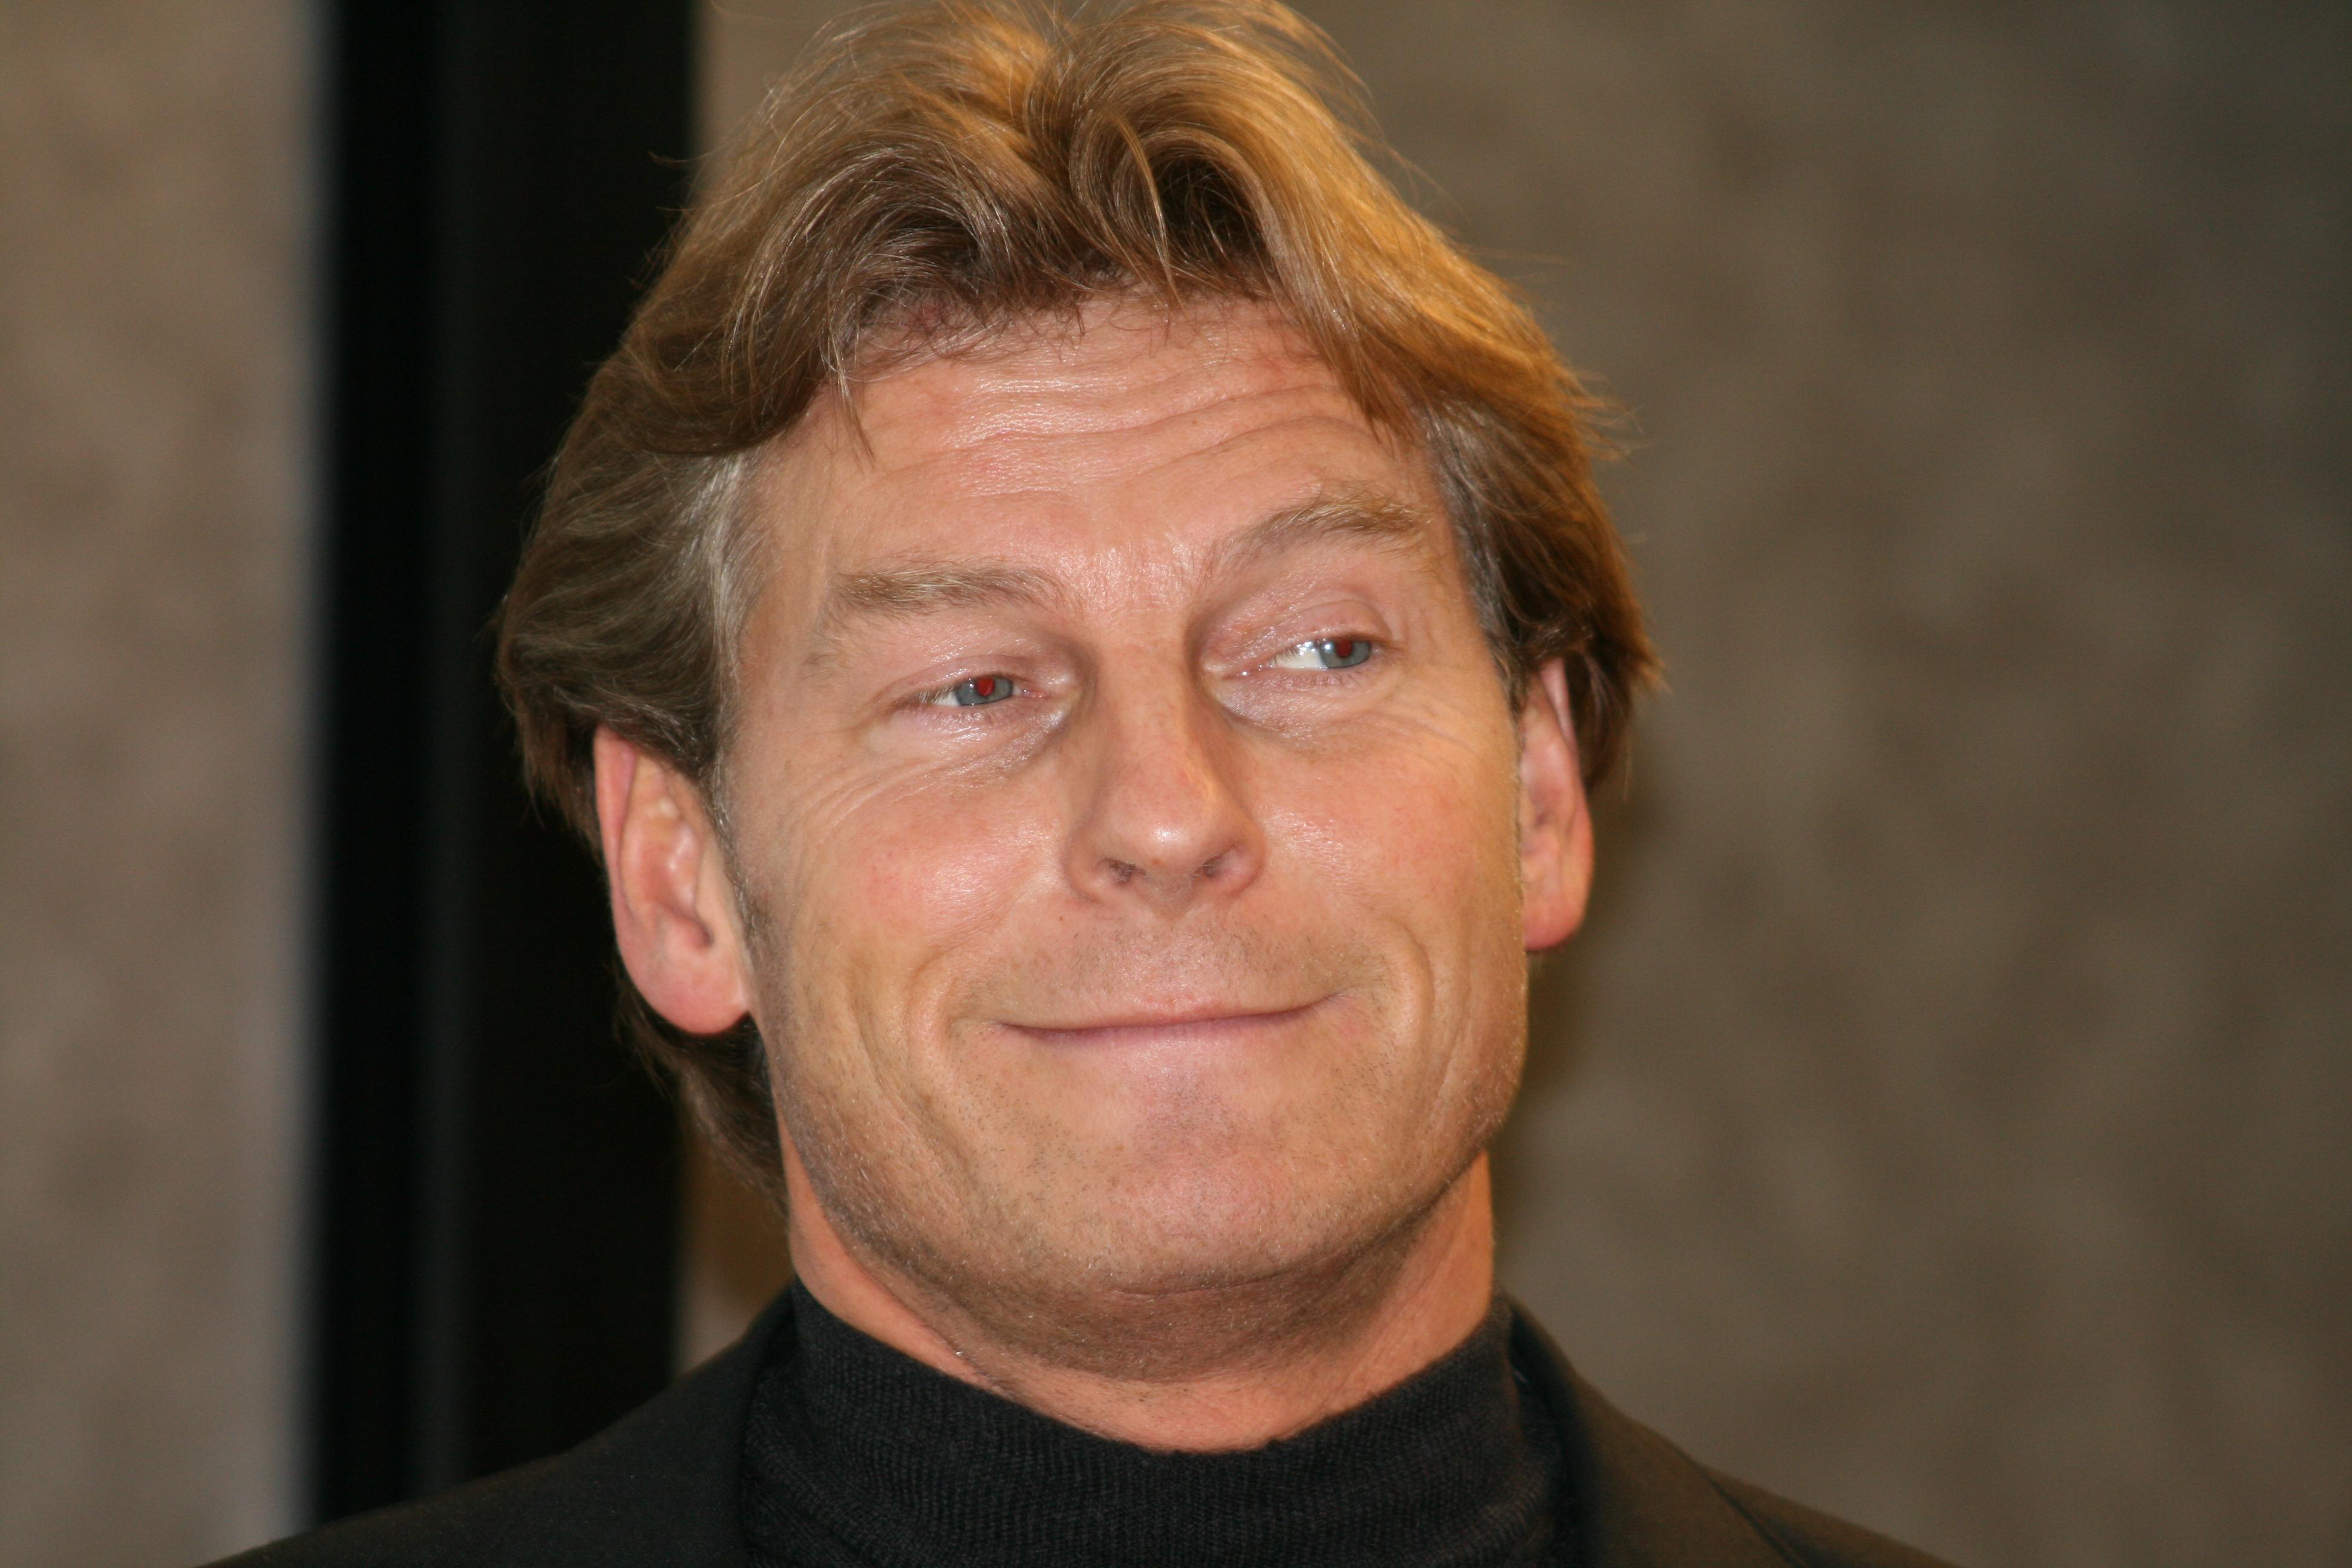 Marcel van der Molen